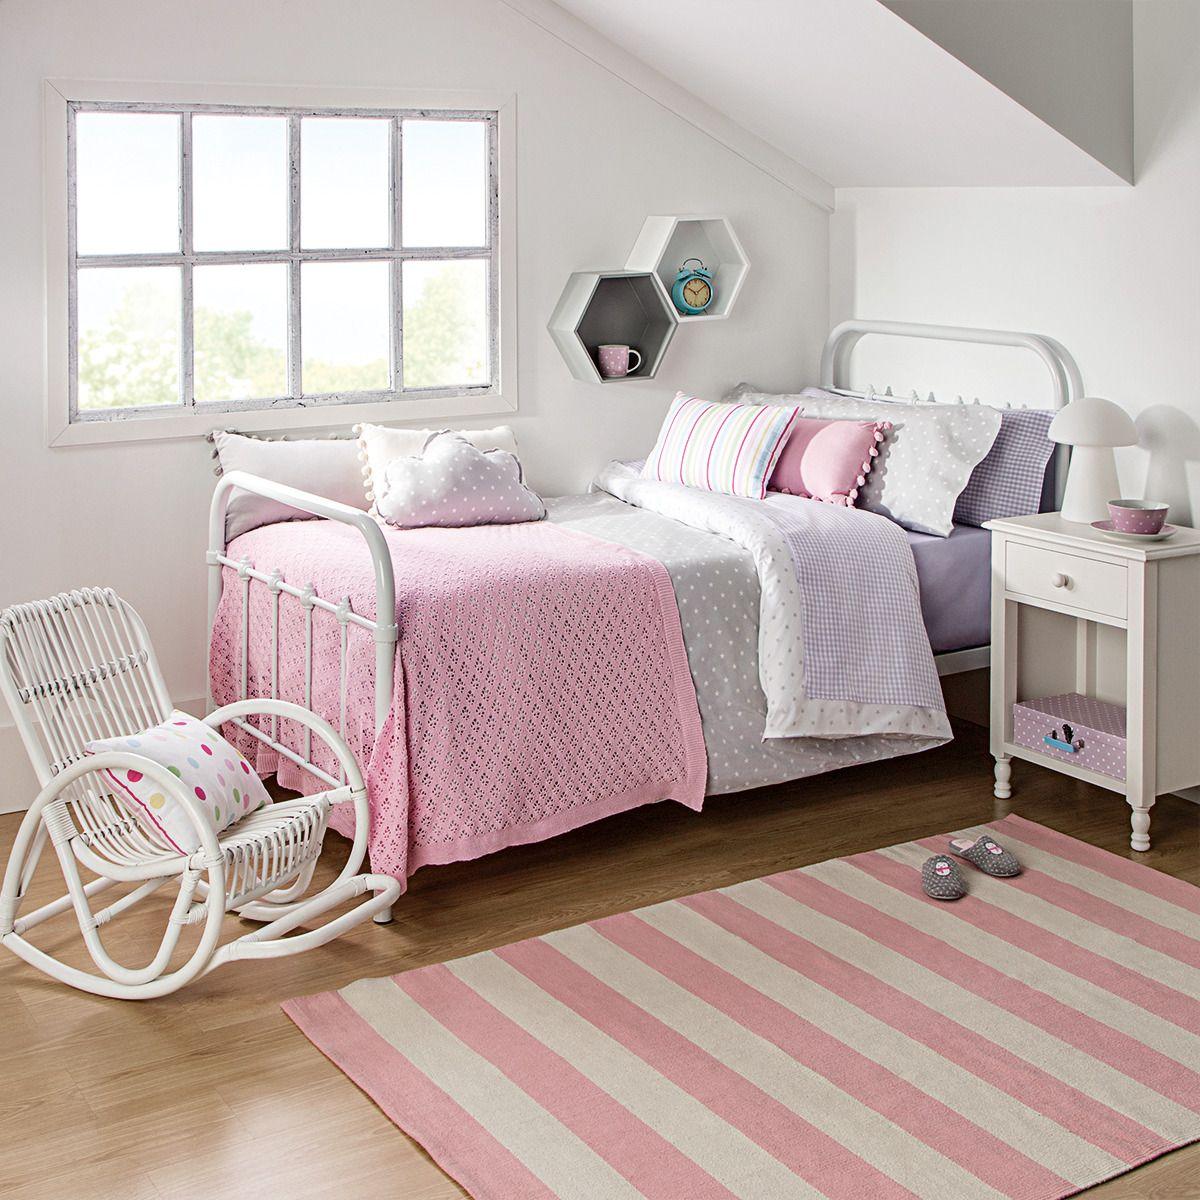 Cama individual de metal coraline mini home camas for Dormitorios infantiles el corte ingles